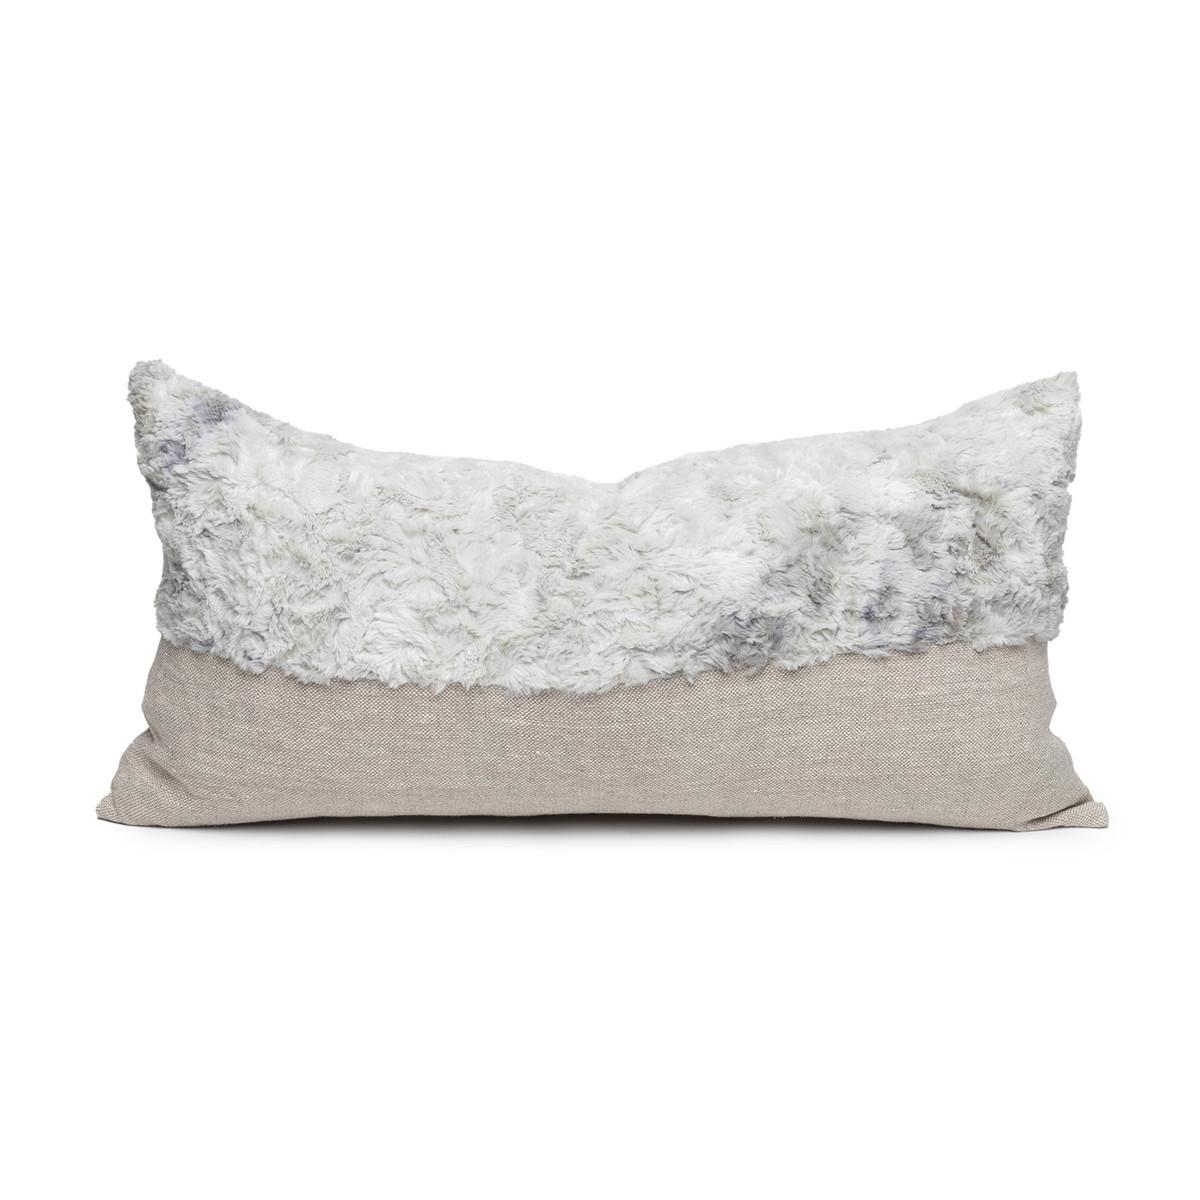 Fable Gray Vegan Faux Fur Lumbar Pillow  - Front